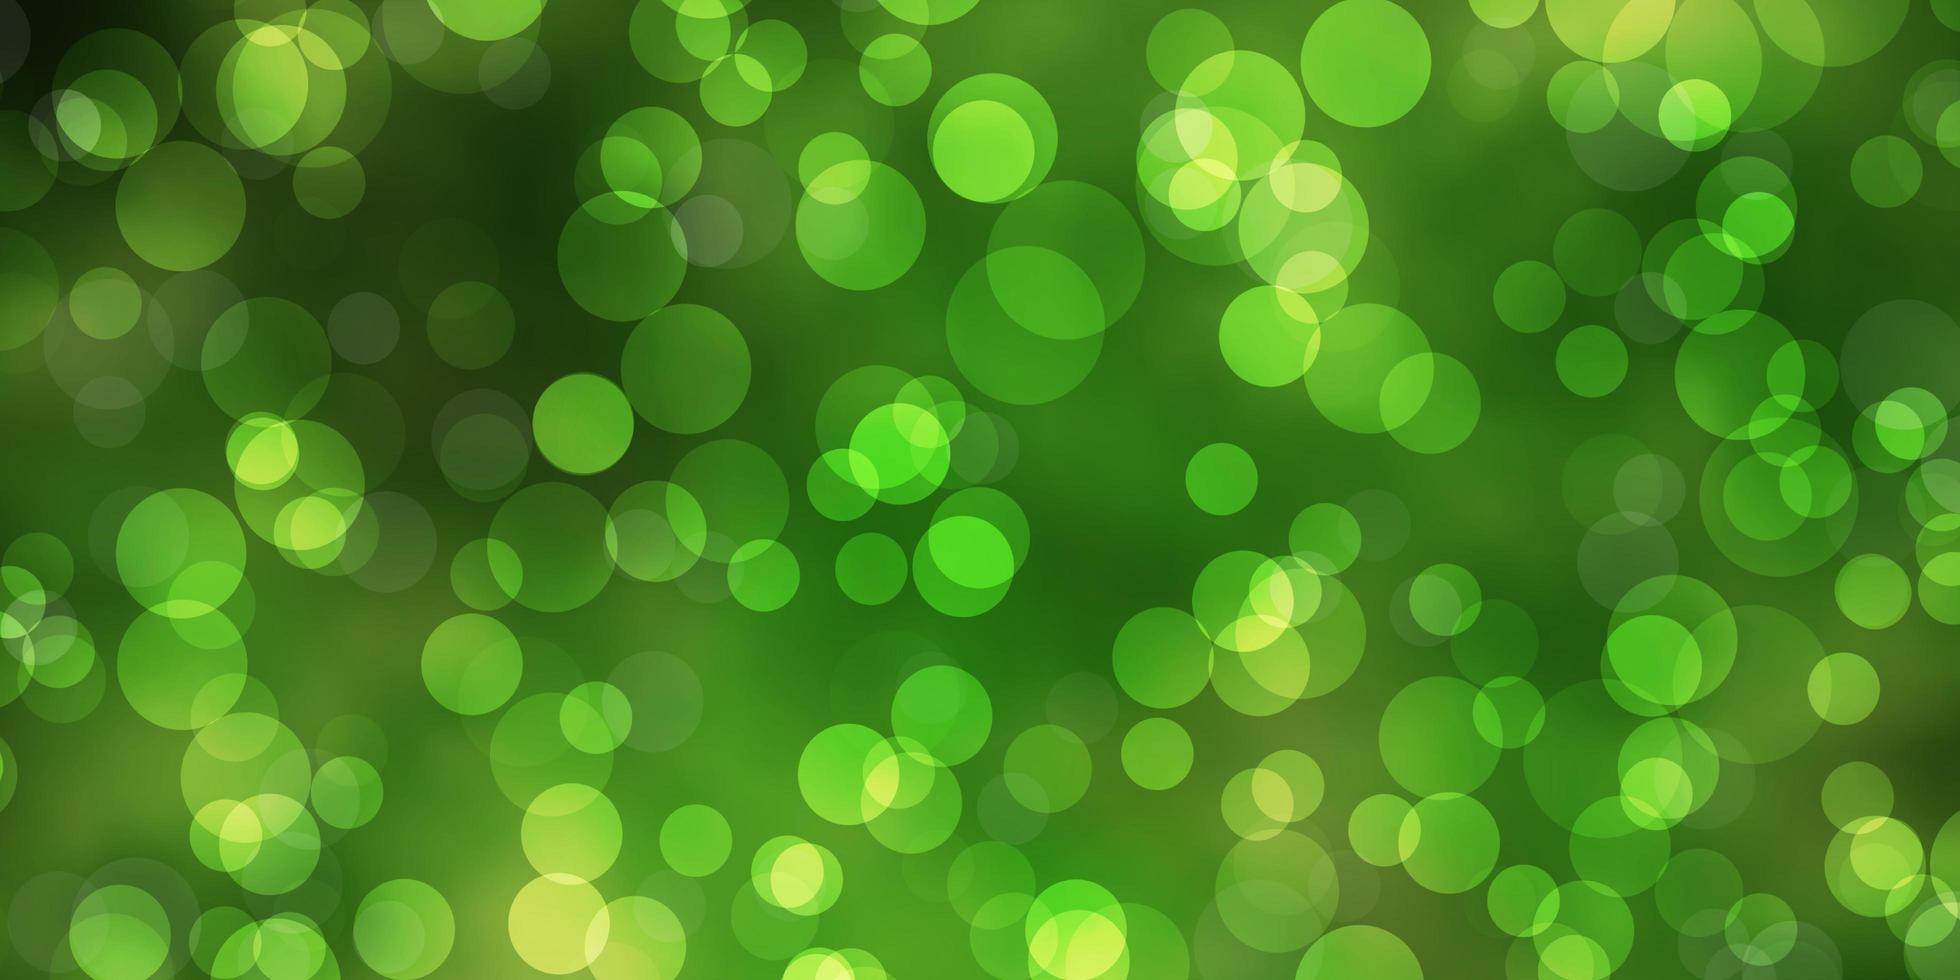 diseño verde con formas circulares. vector